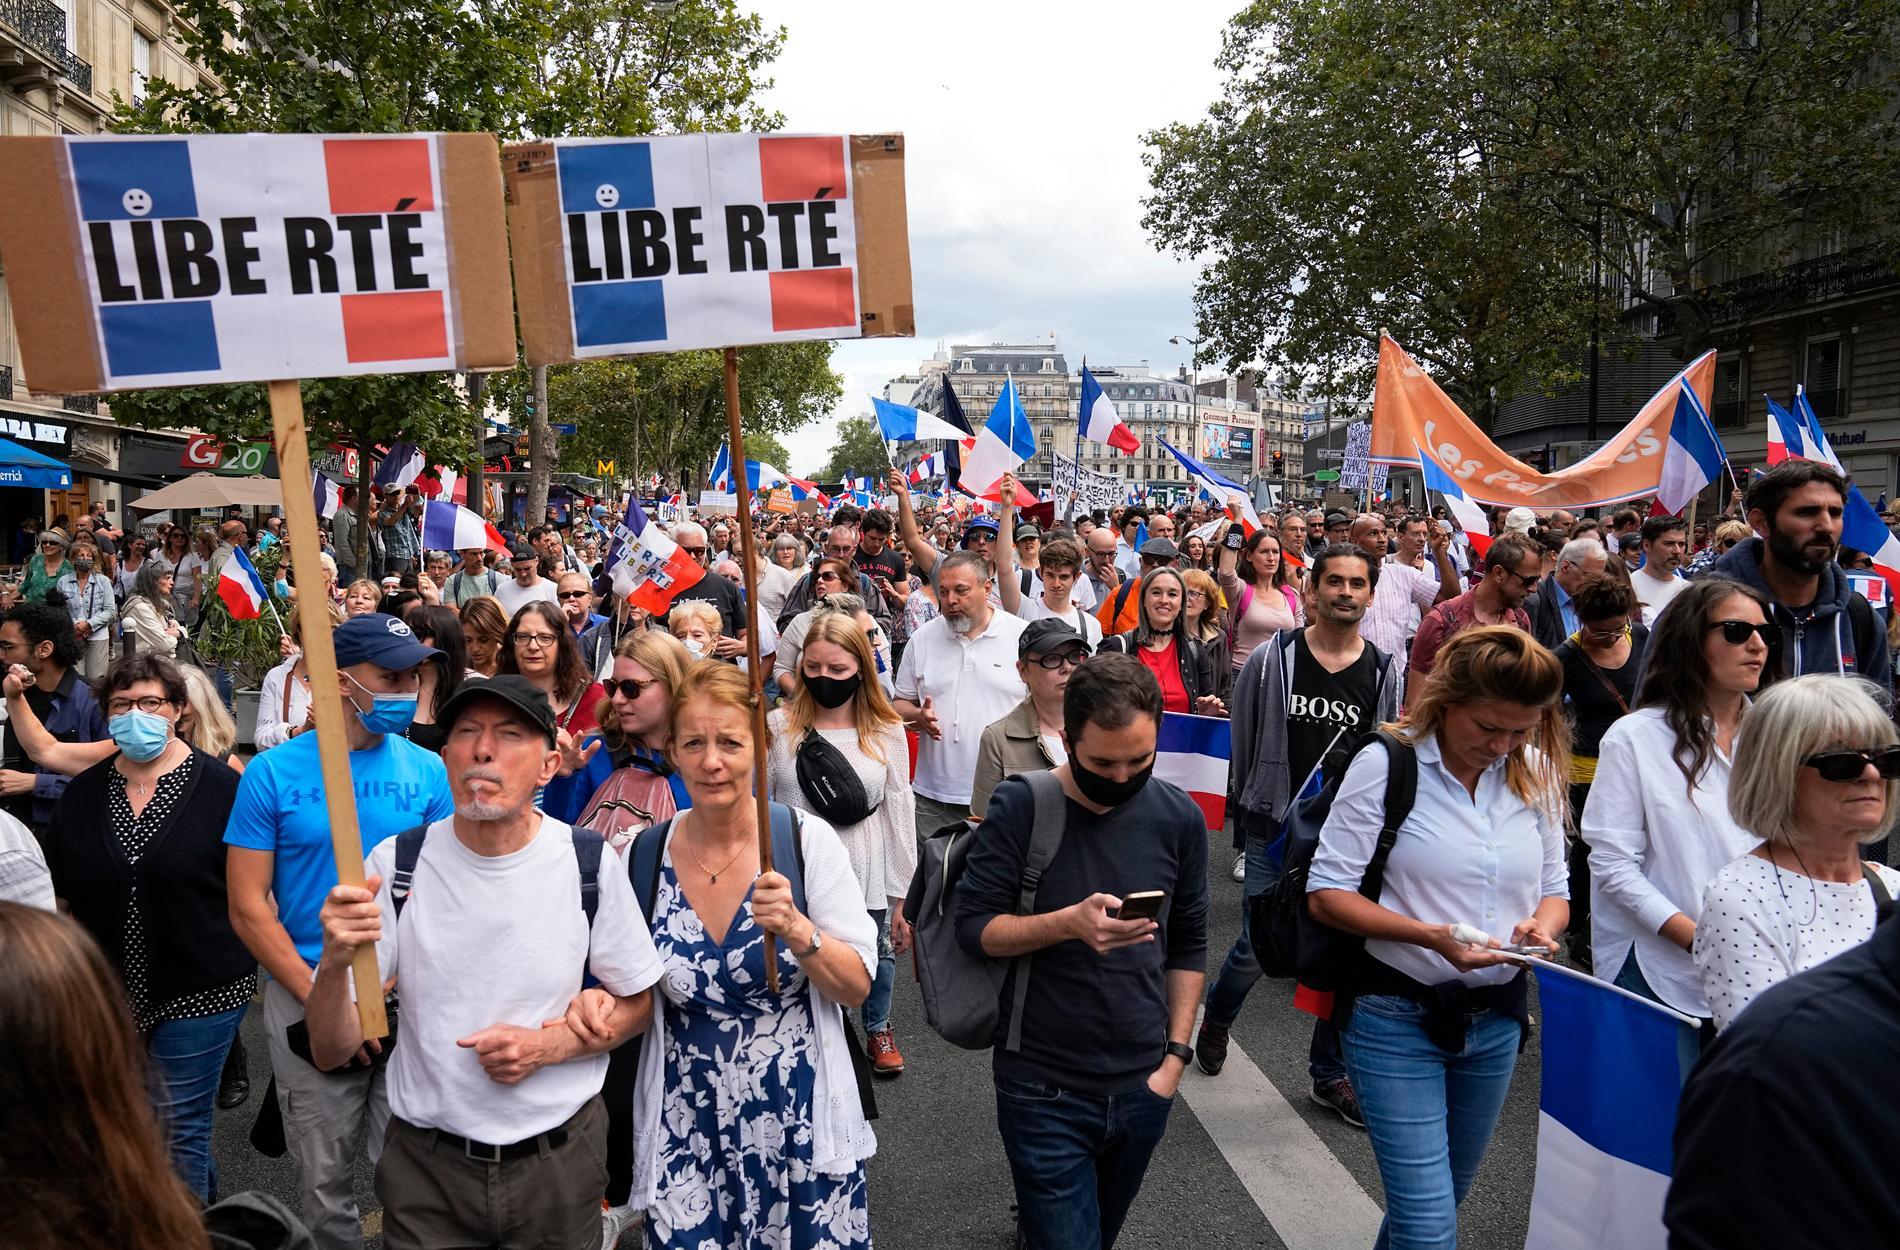 Tusentals människor i Paris demonstrerade i lördags mot det franska covidpasset, som nu godkänts av landets konstitutionella råd.